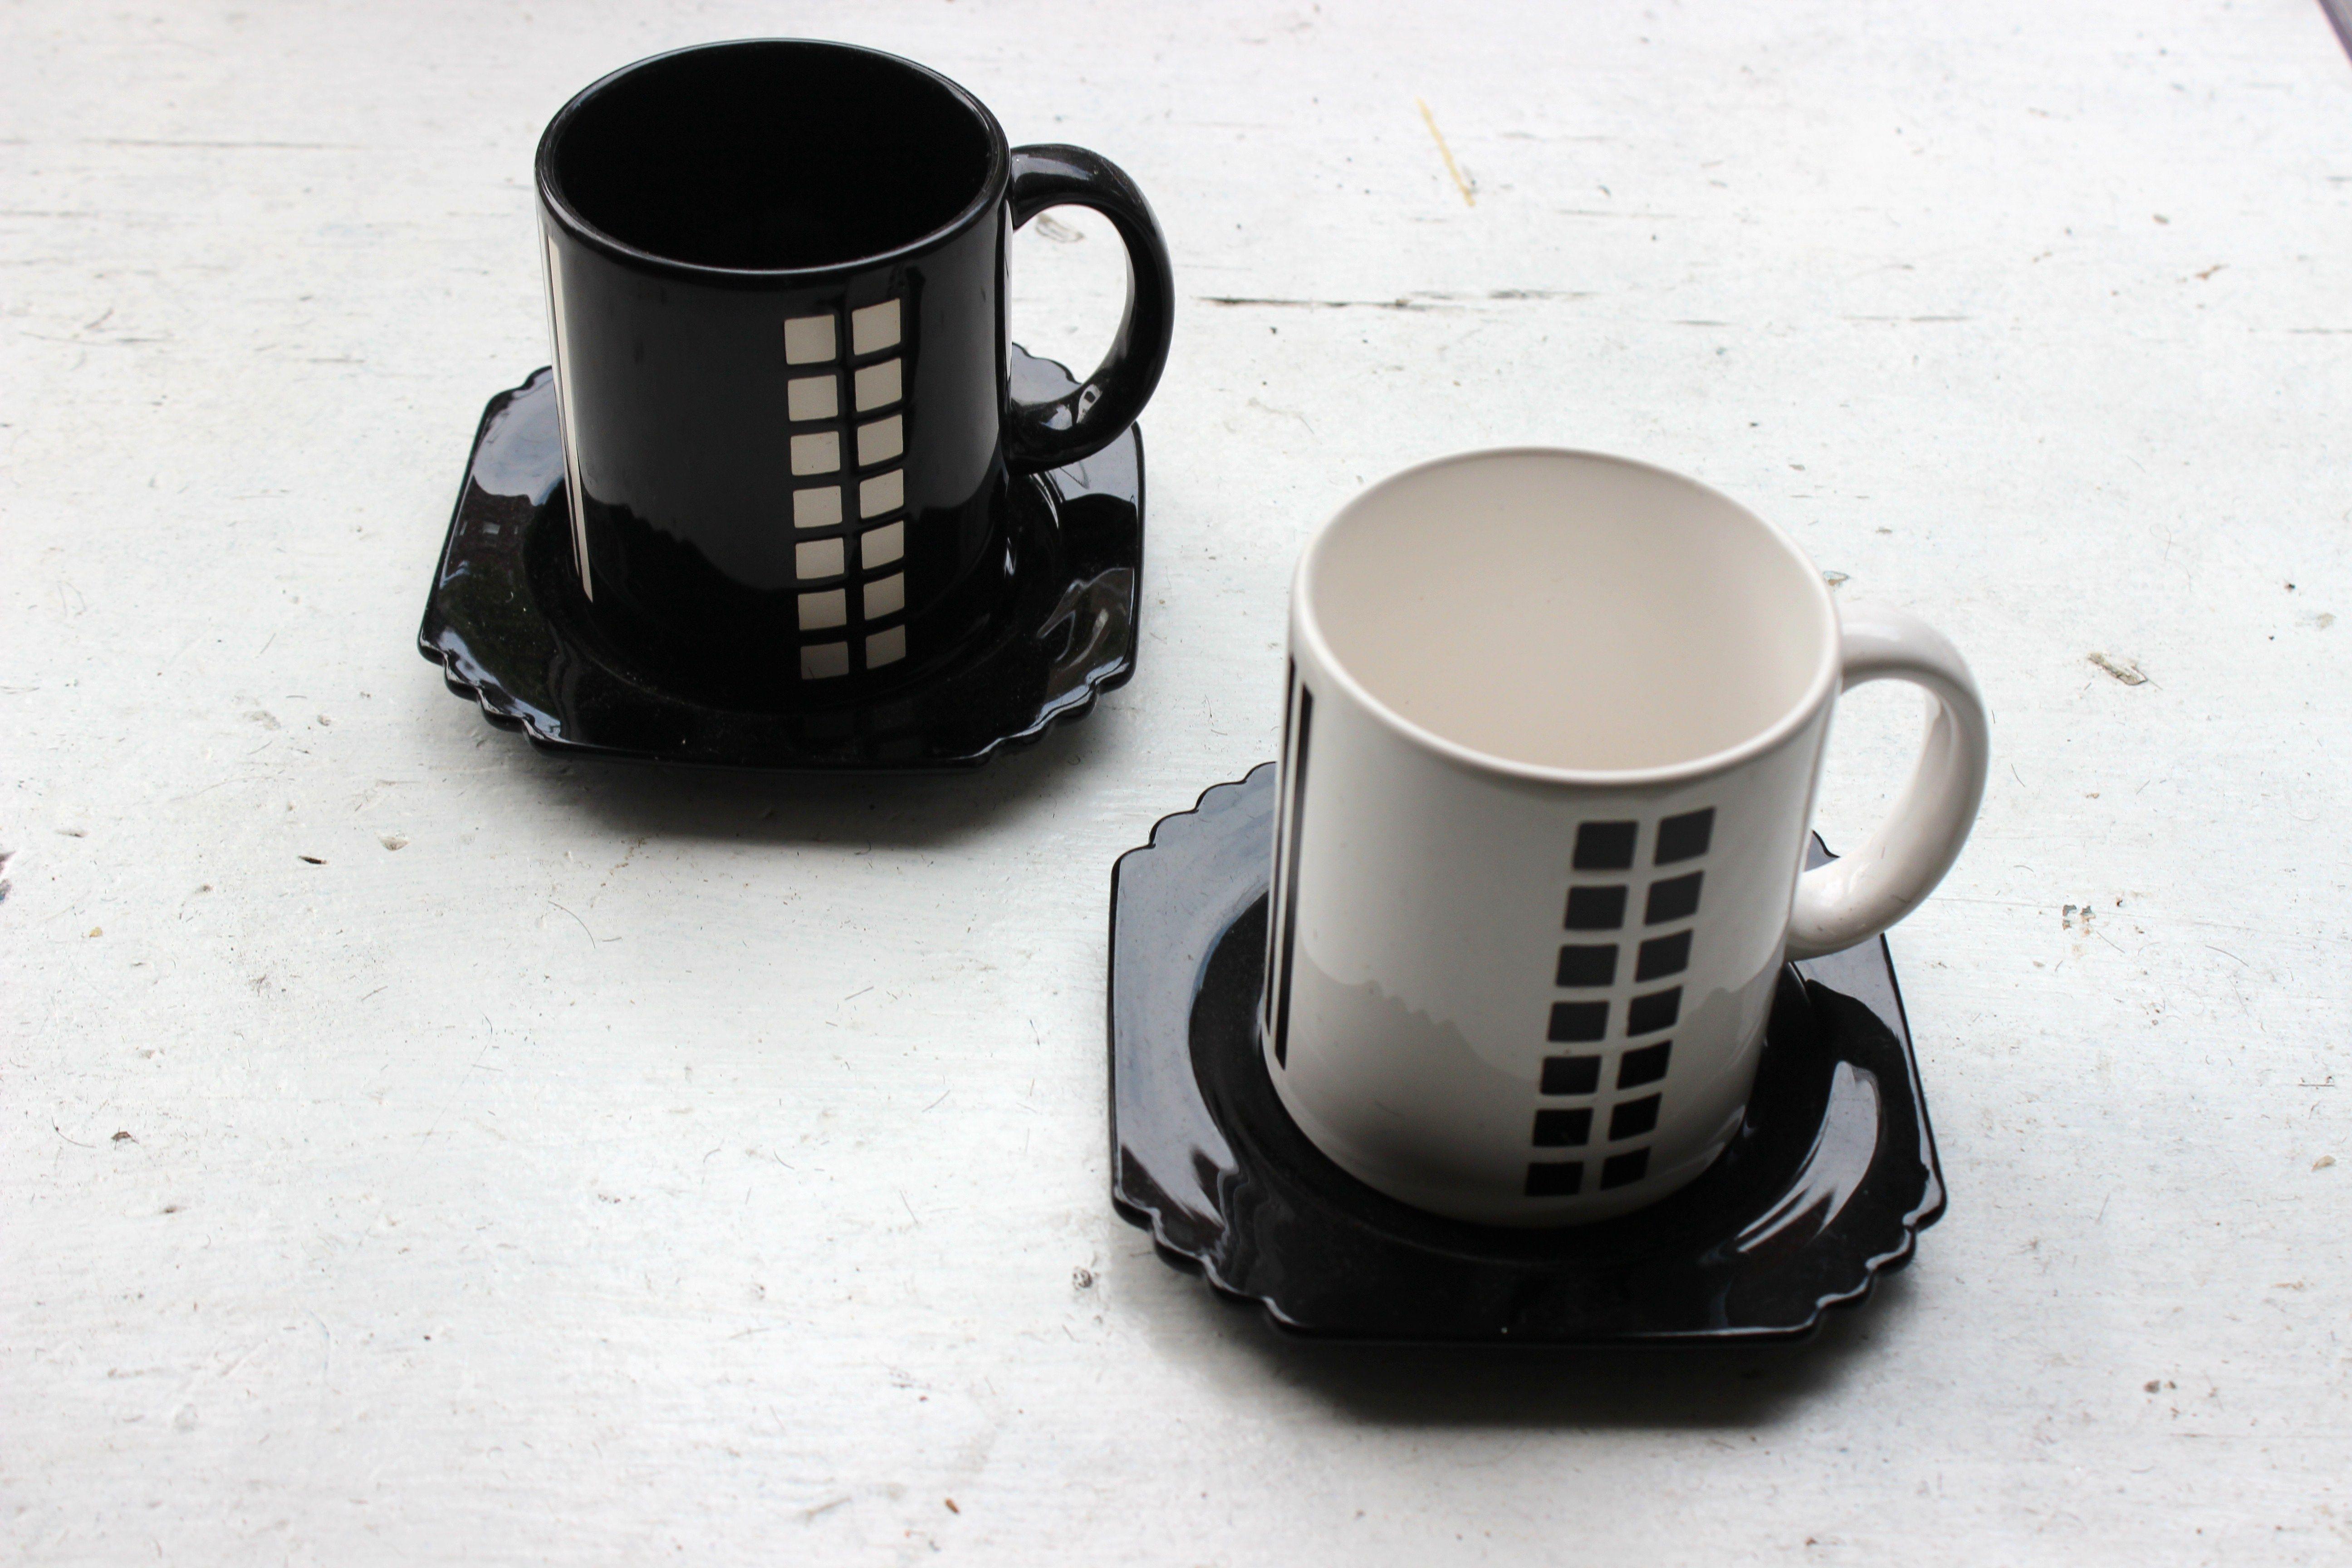 Waechtersbach coffee mugs